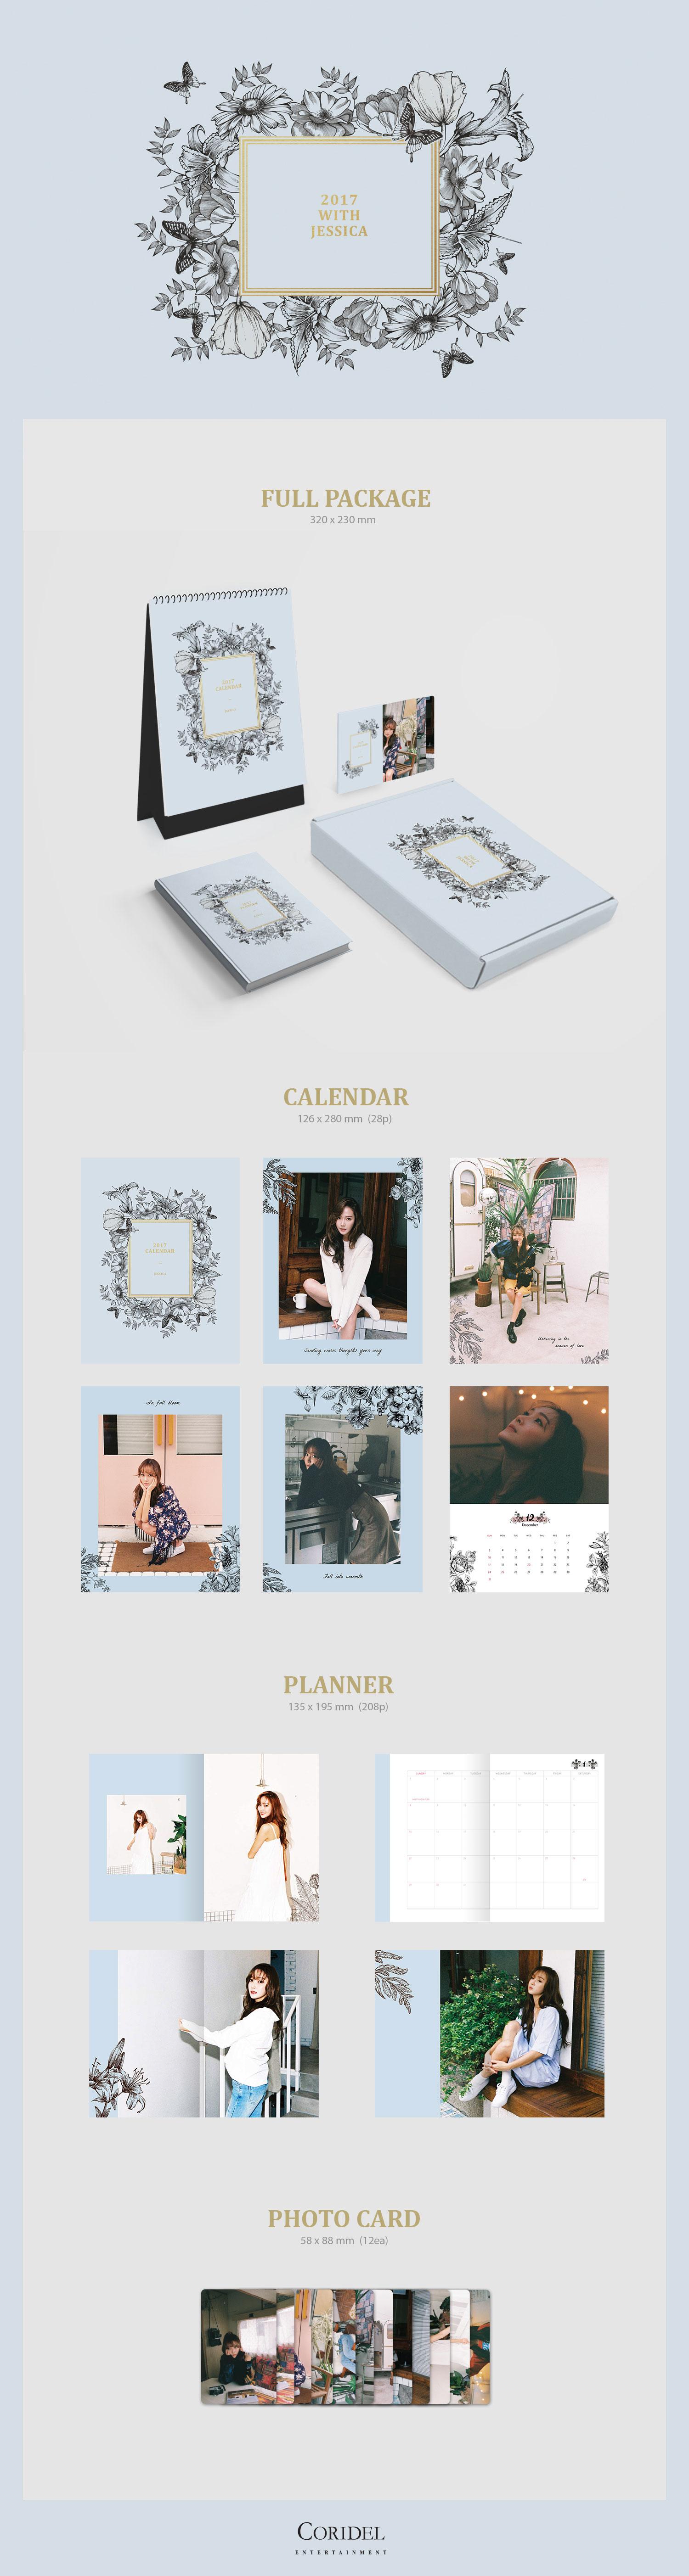 jessica_calendar_low